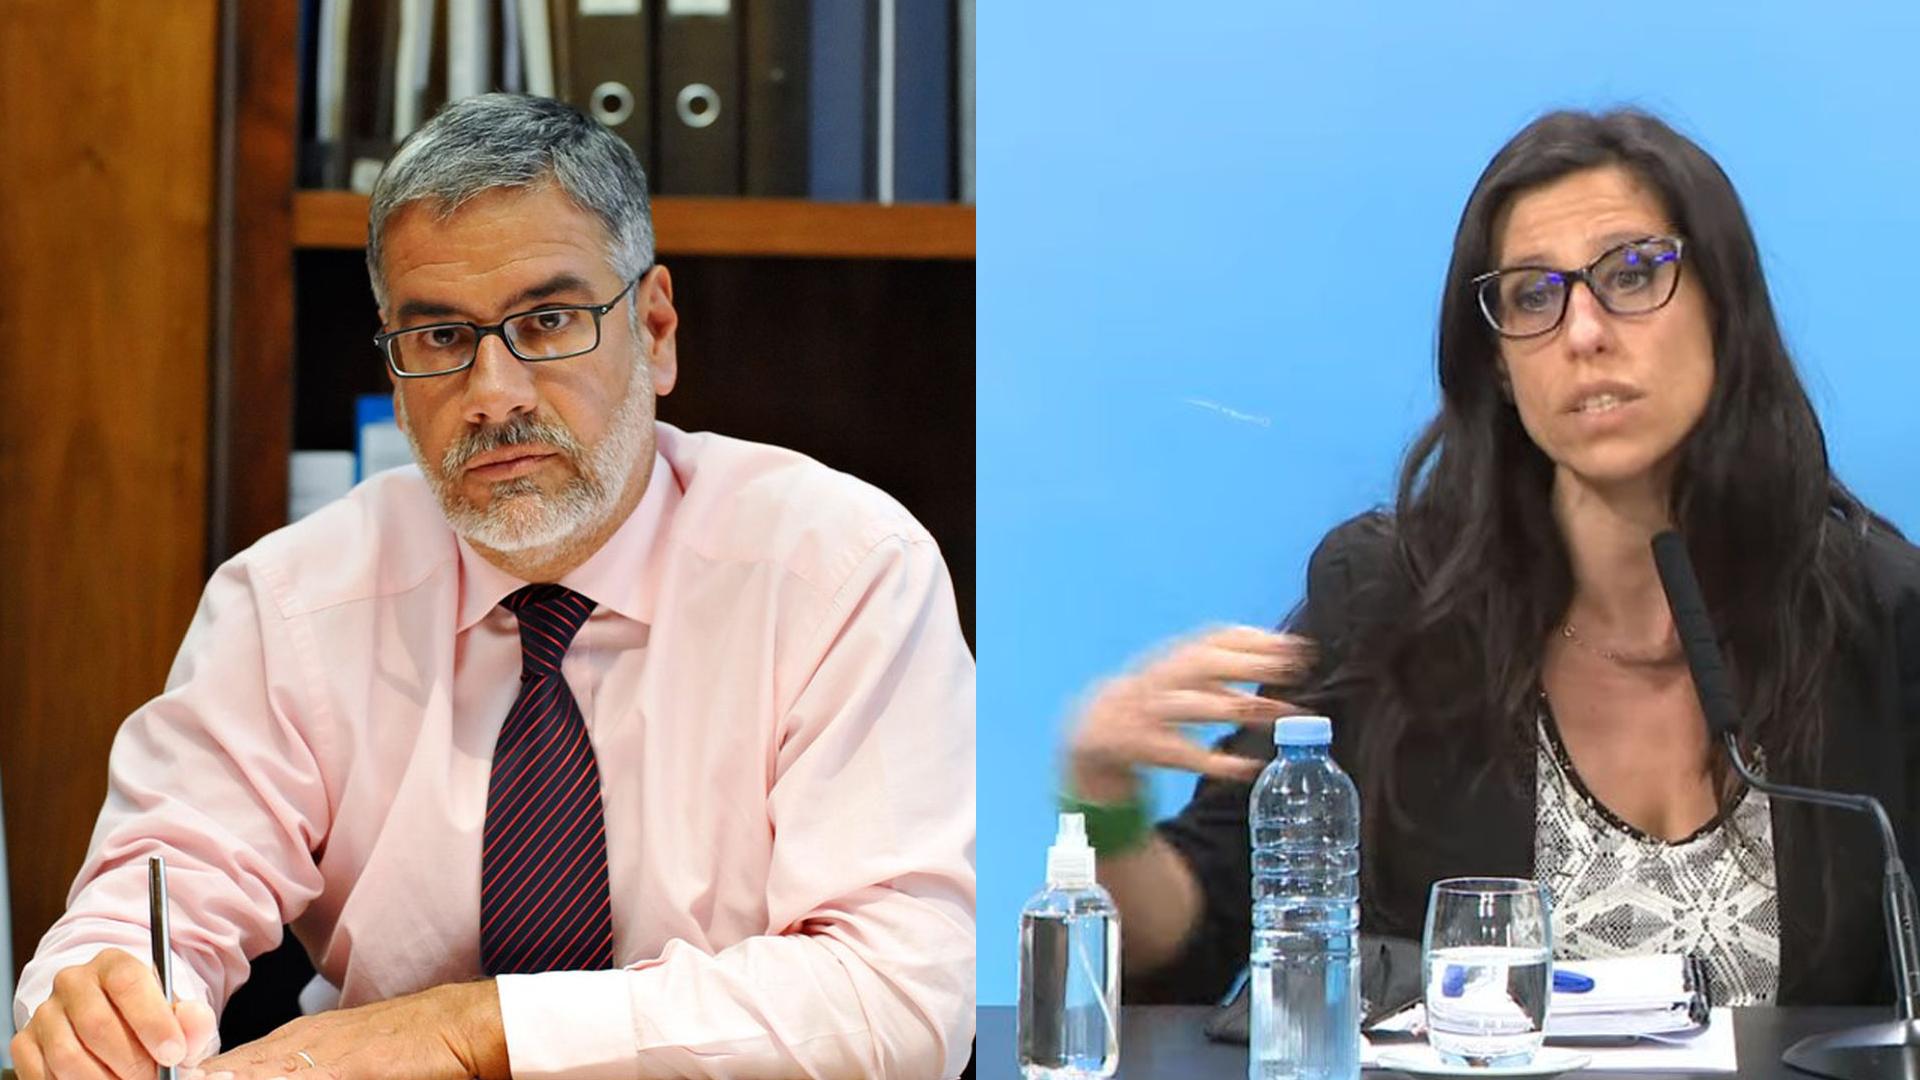 Roberto Feletti, quien ya había ocupado distintos cargos, como diputado nacional y secretario de Política Económica y Planificación del Desarrollo durante la administración de Cristina Kirchner, se suma al Gabinete nacional